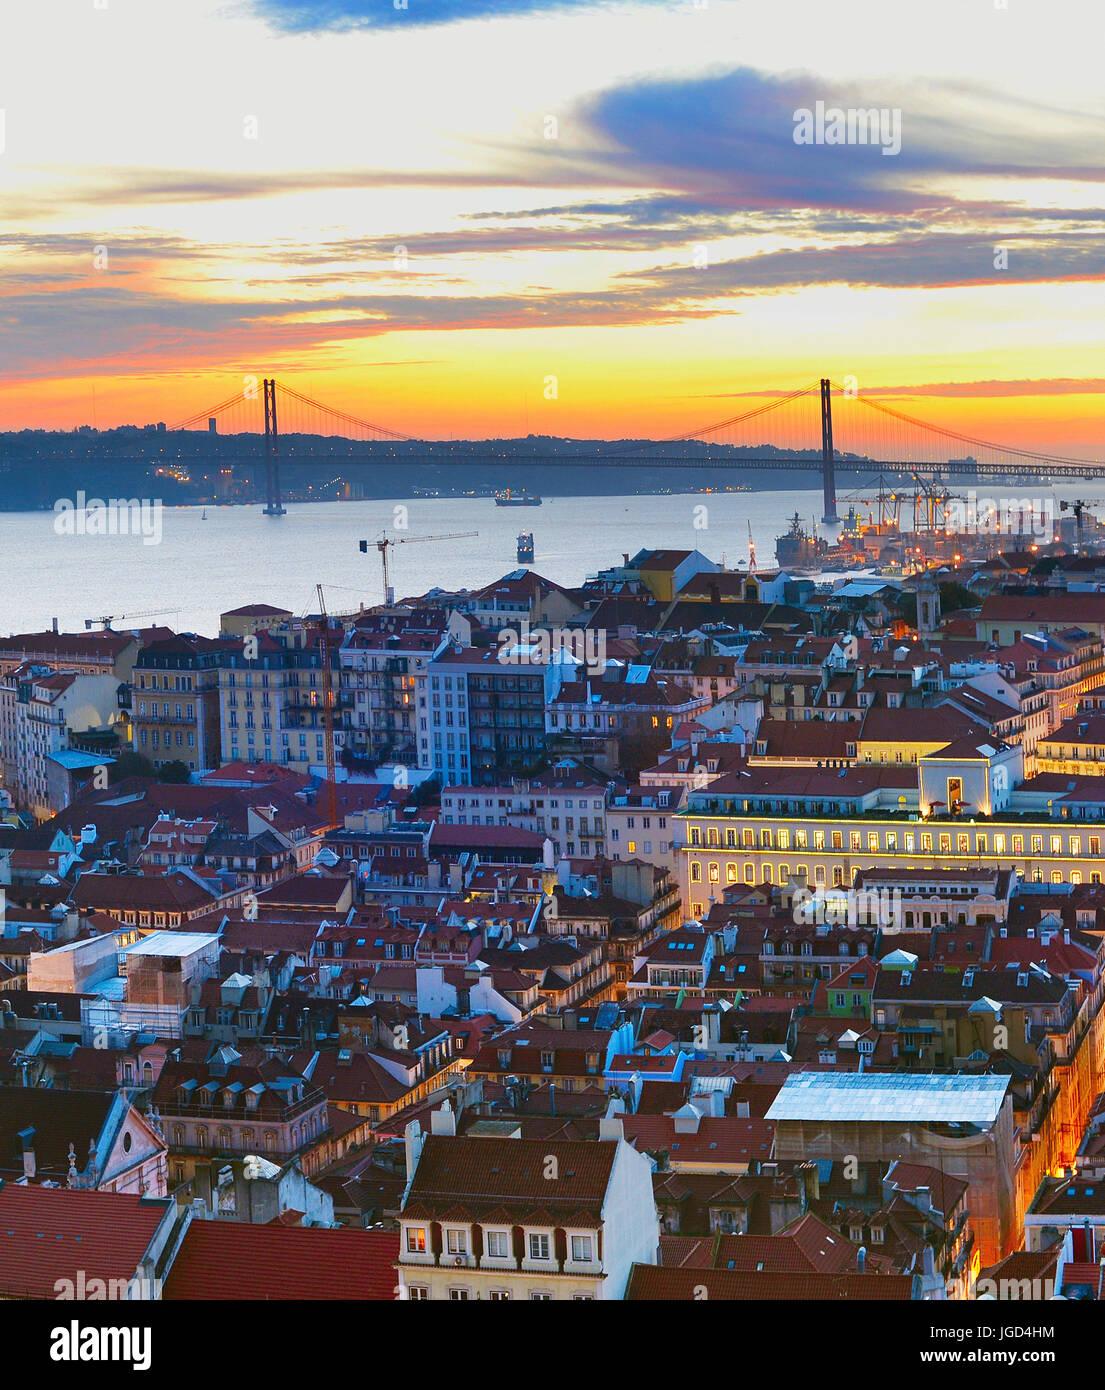 Lisboa Od Town Ver en el hermoso atardecer. Portugal Foto de stock